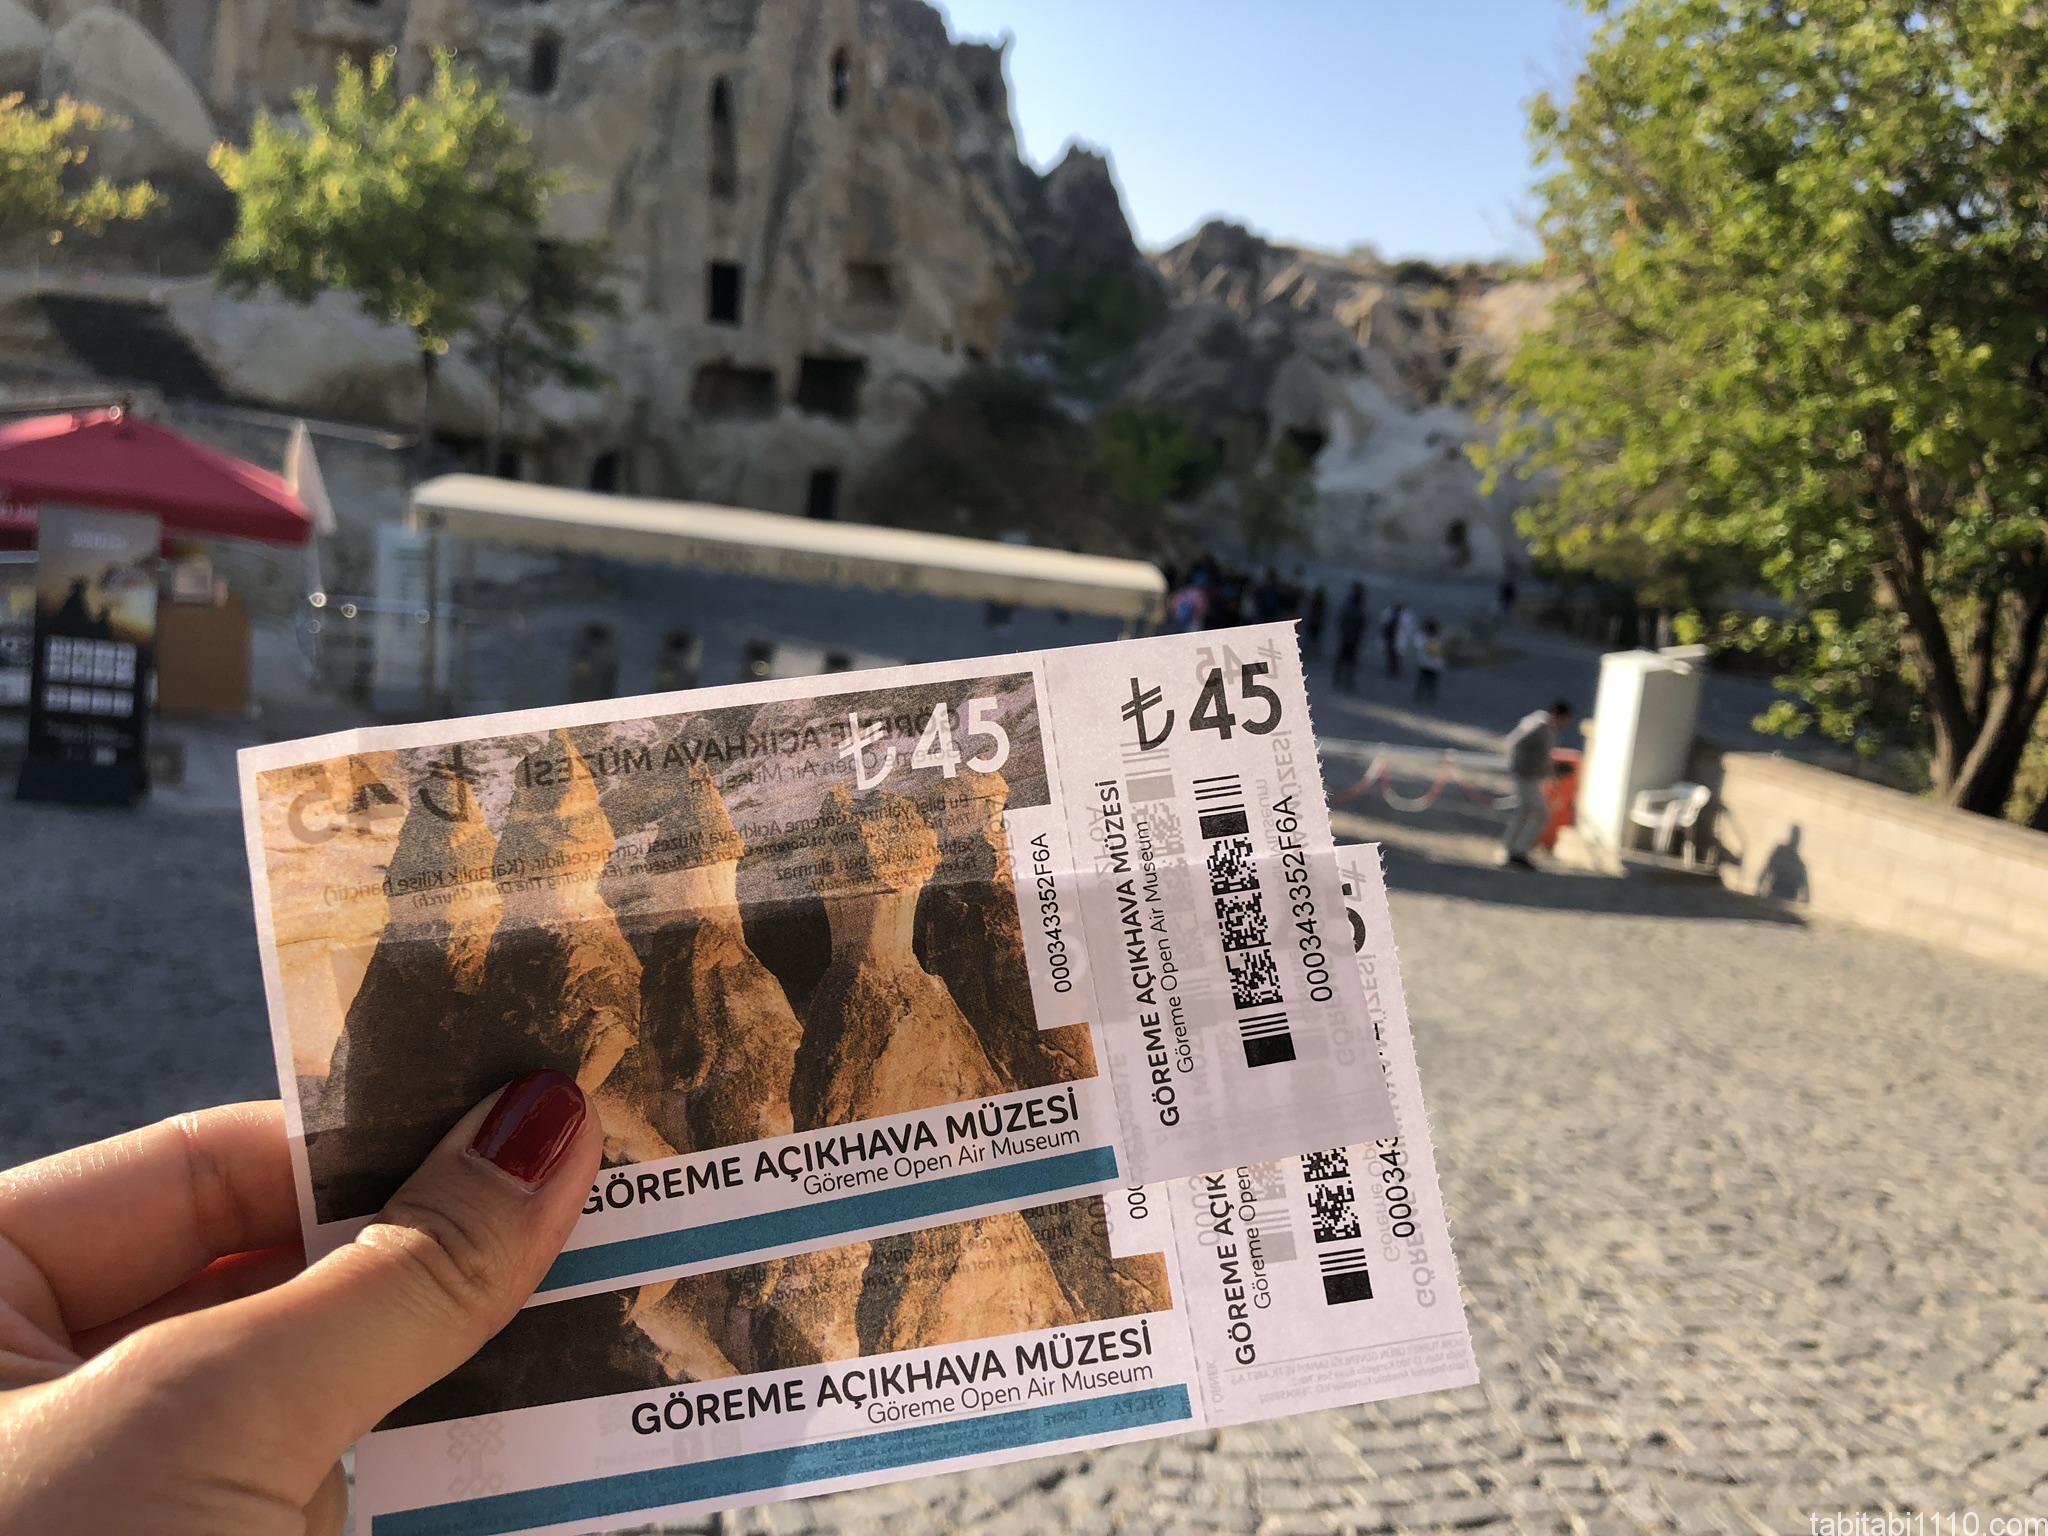 ギョレメ野外博物館|チケット